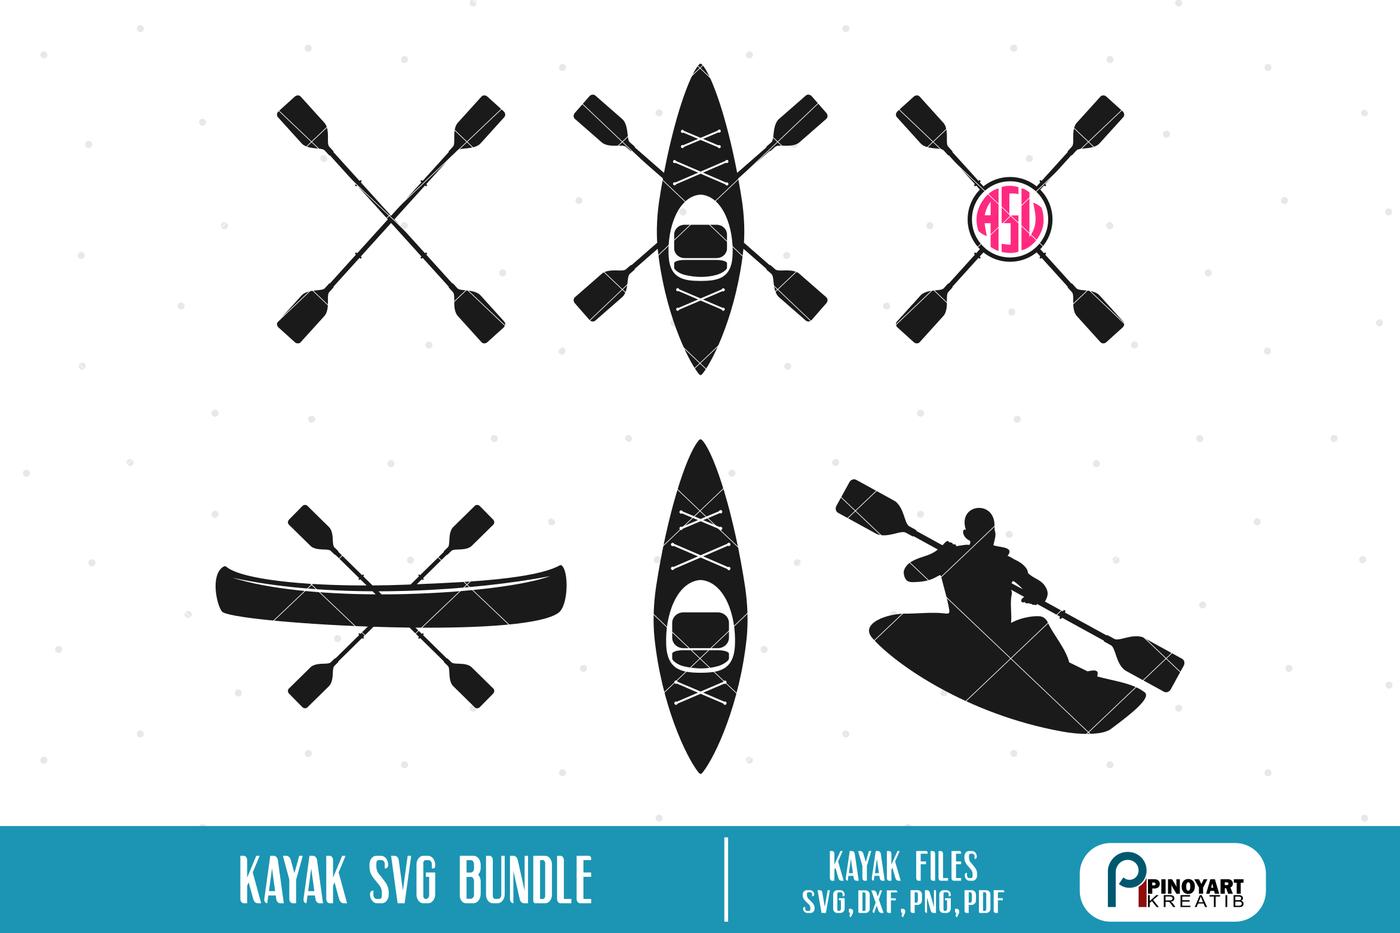 Download Cricut Kayak Svg Free